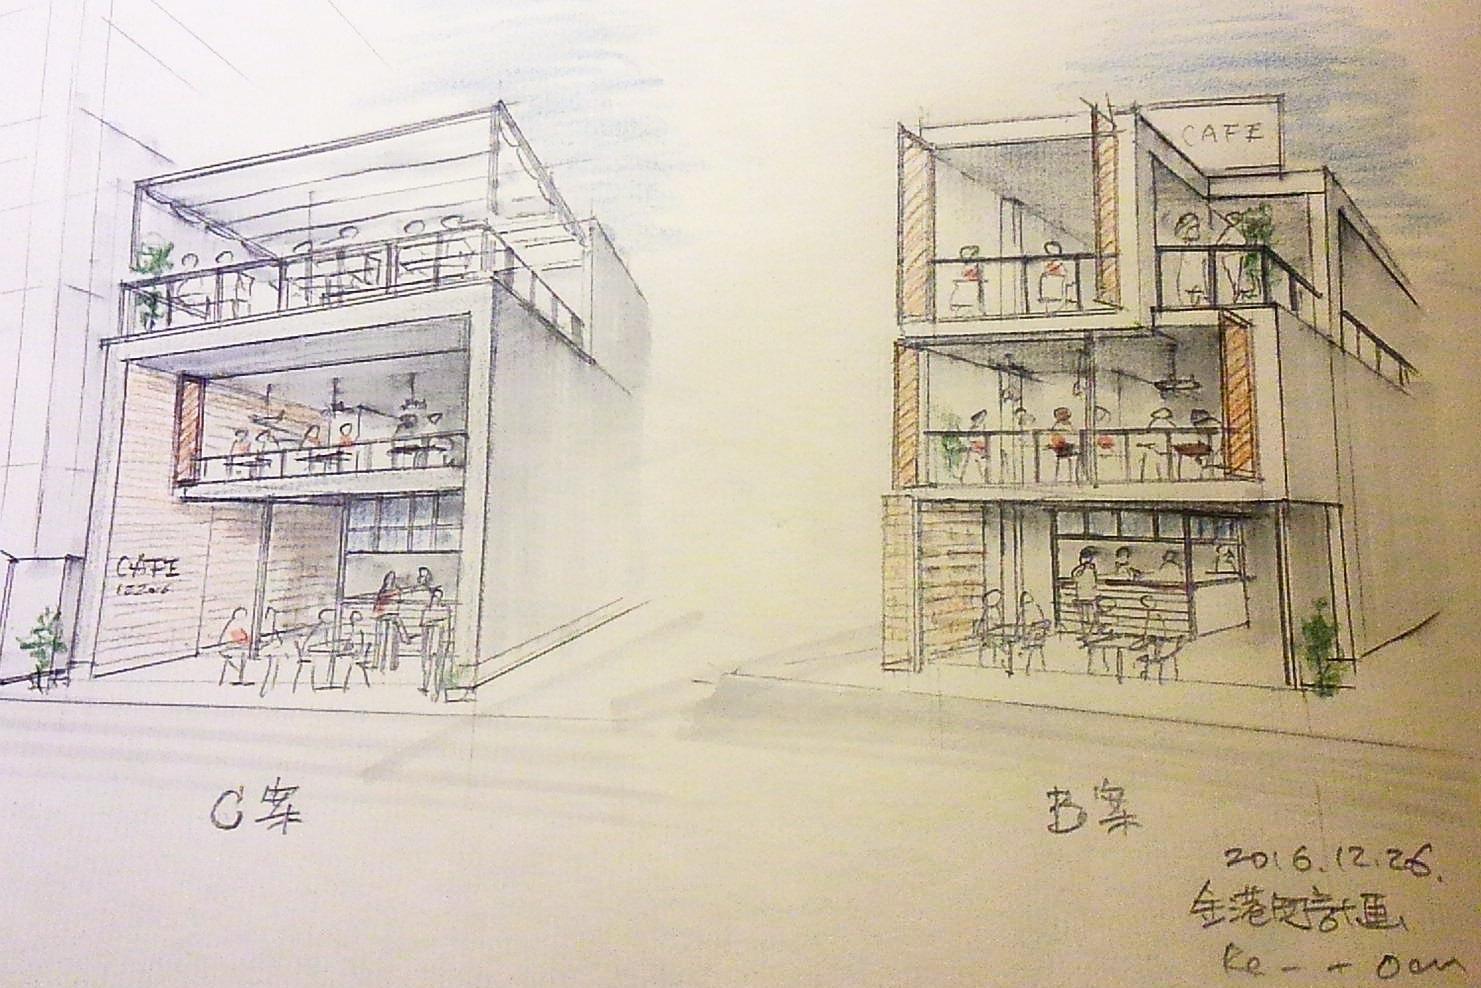 「金港町計画」スケッチ_f0230666_1410297.jpg